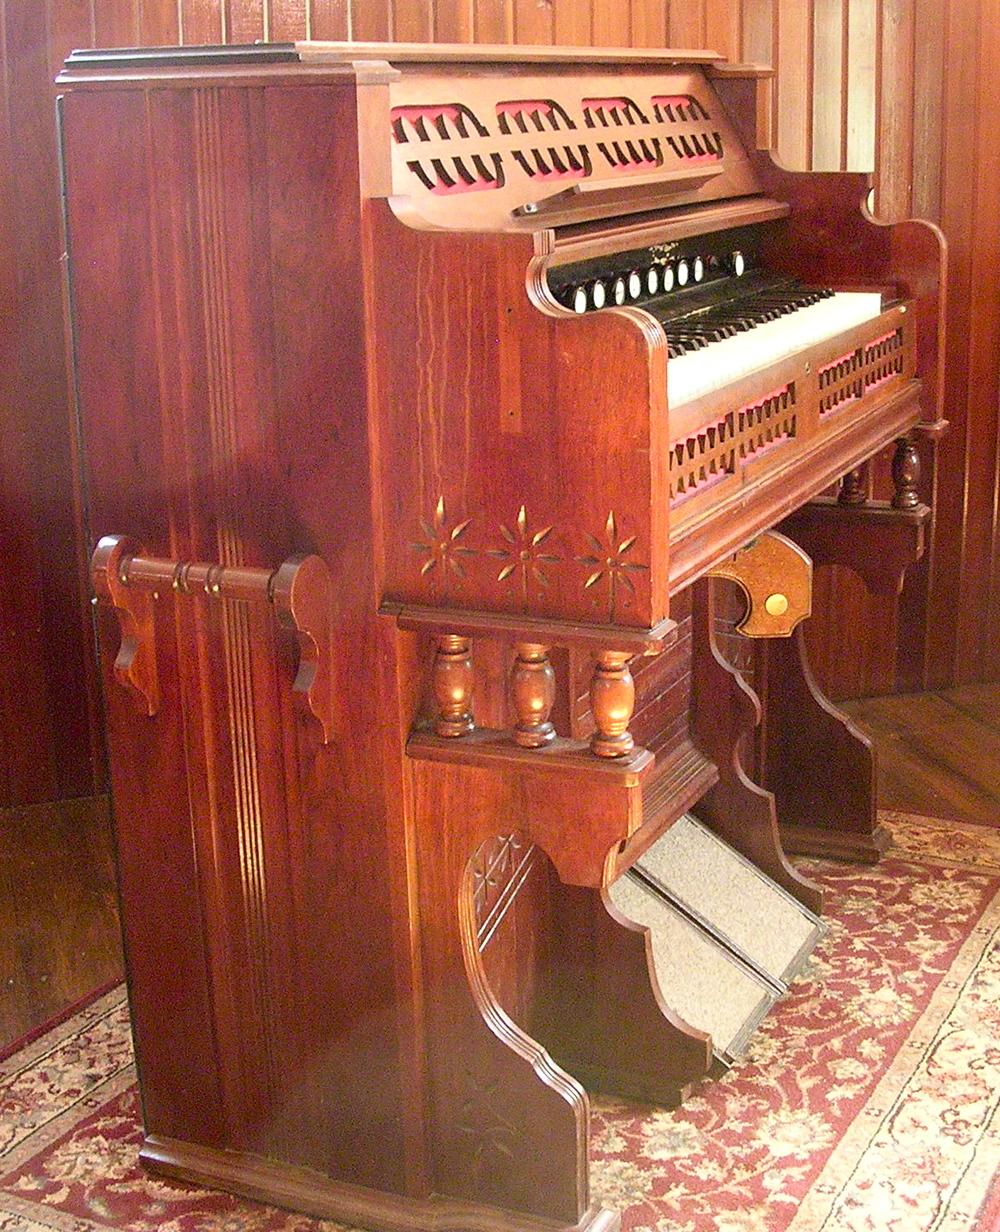 Estey Organ Company, Brattleboro, Vermont  1886 -- Opus 175788   ROS # 4512